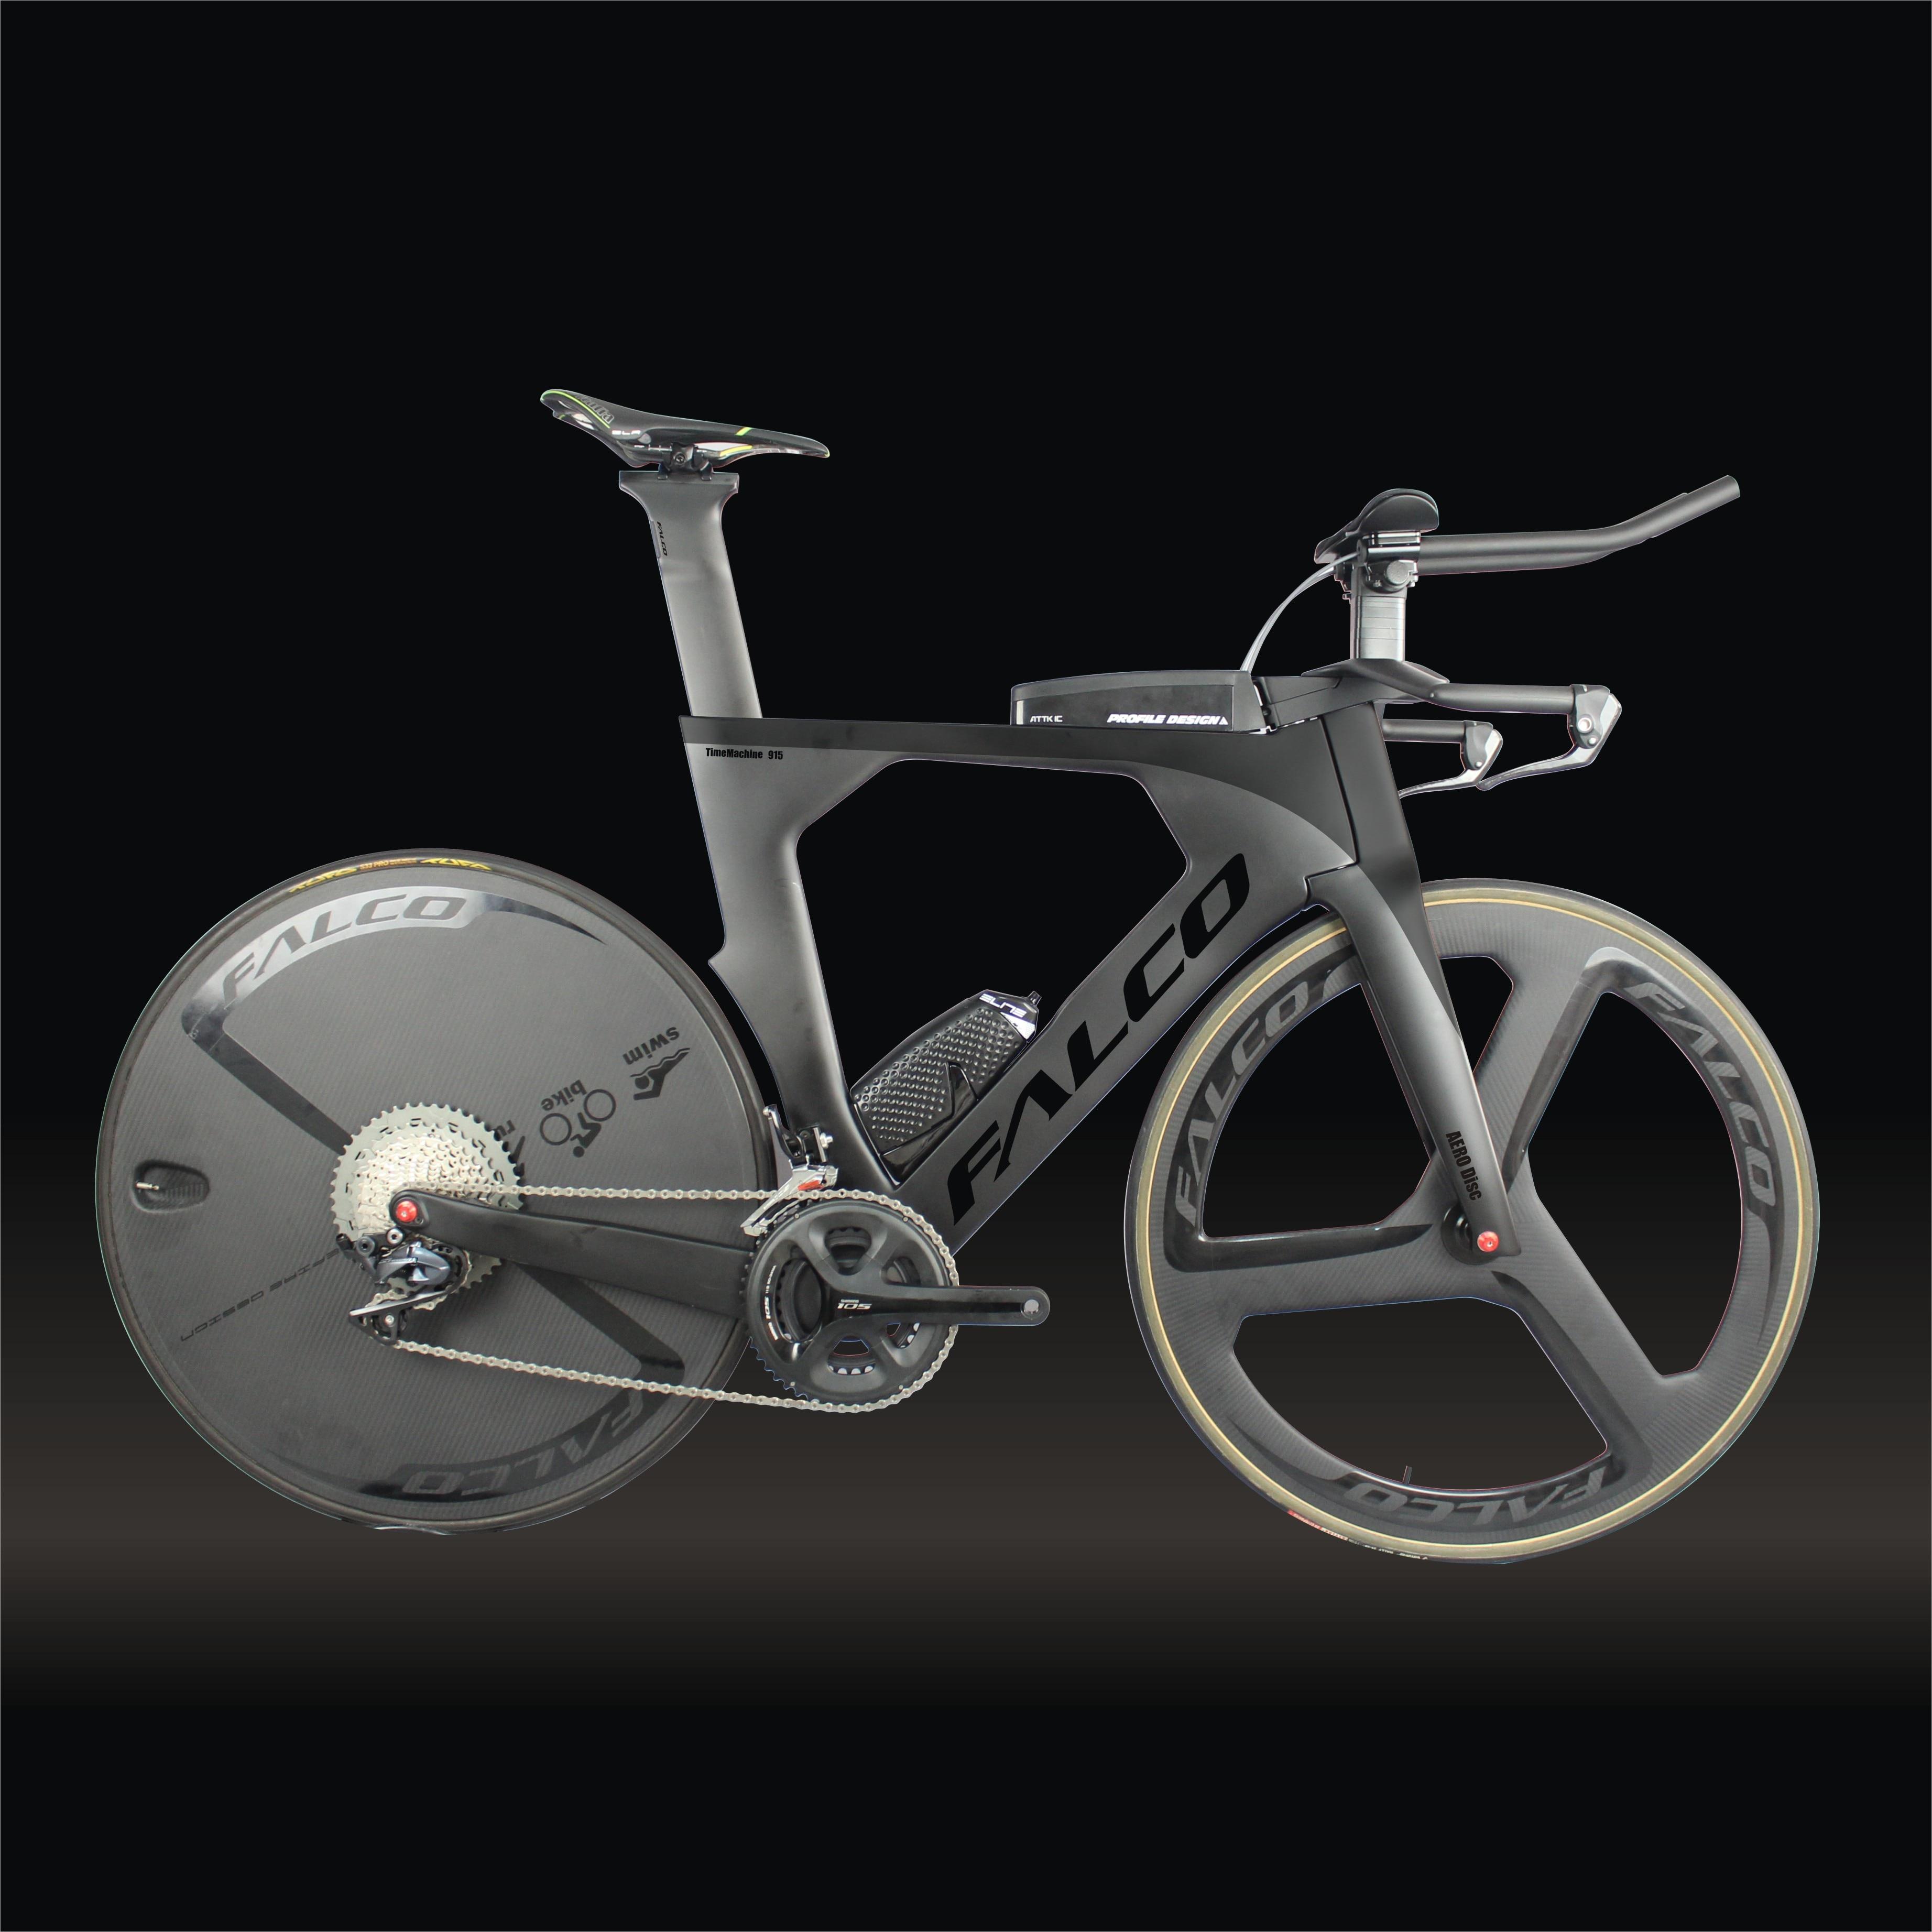 Bikes MILAGRE 2020 bicicleta De triatlo de Carbono 48/52/54/56/58 centímetros De Carbono tt Quadro De Carbono tempo de julgamento Bicicleta Quadro TT915